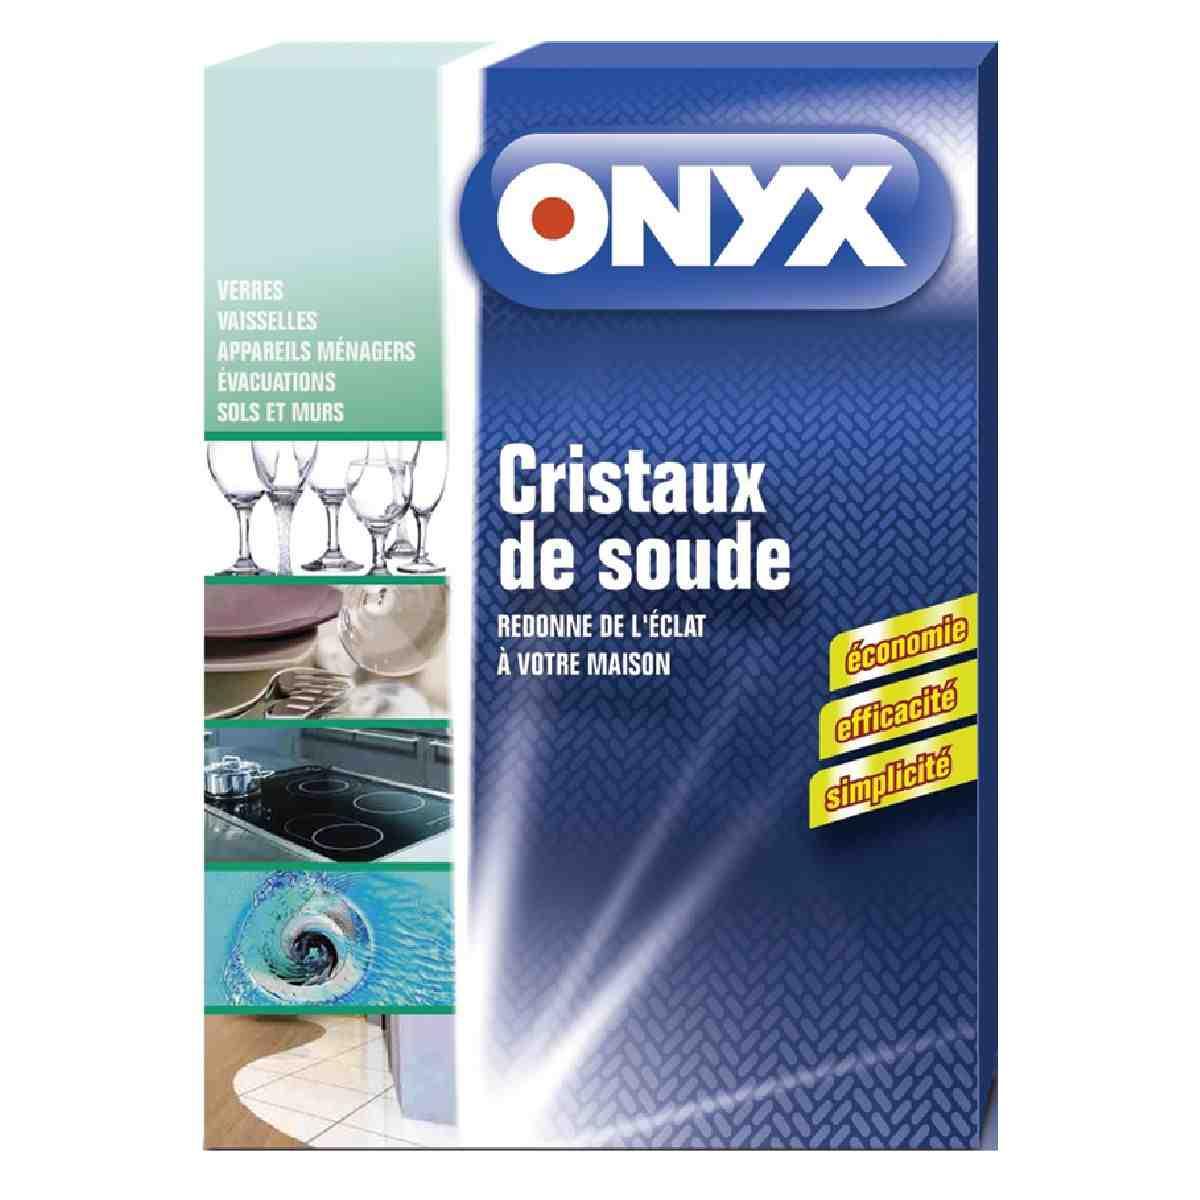 Cristaux De Soude Nettoyage cristaux de soude onyx - paquet de 1,25 kg de cristaux de